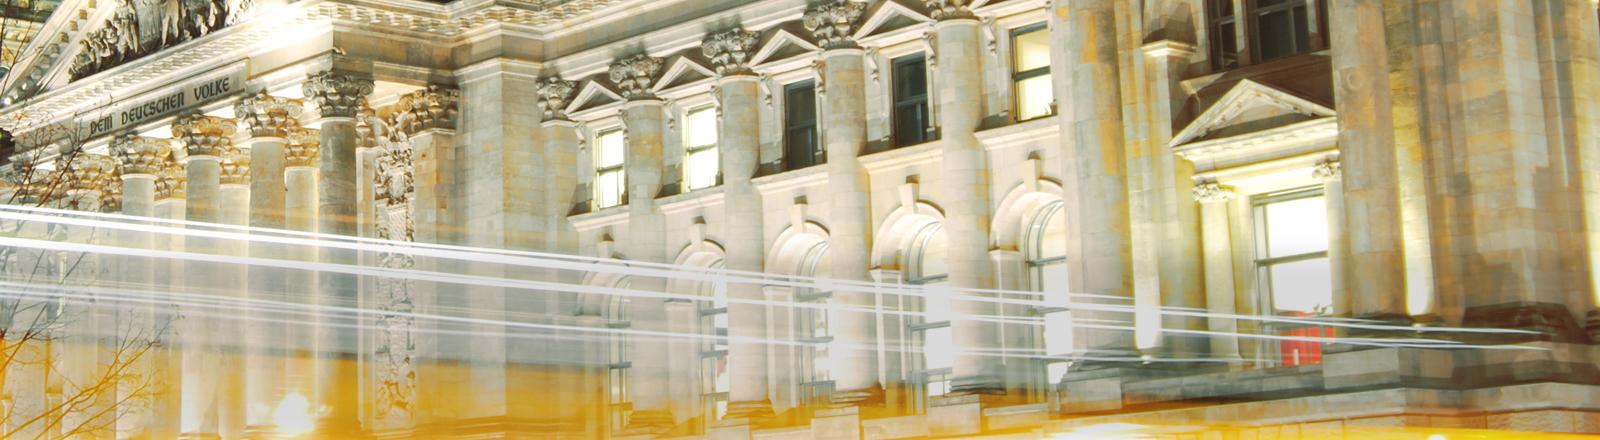 Der Bundestag mit Lichteffekten davor.